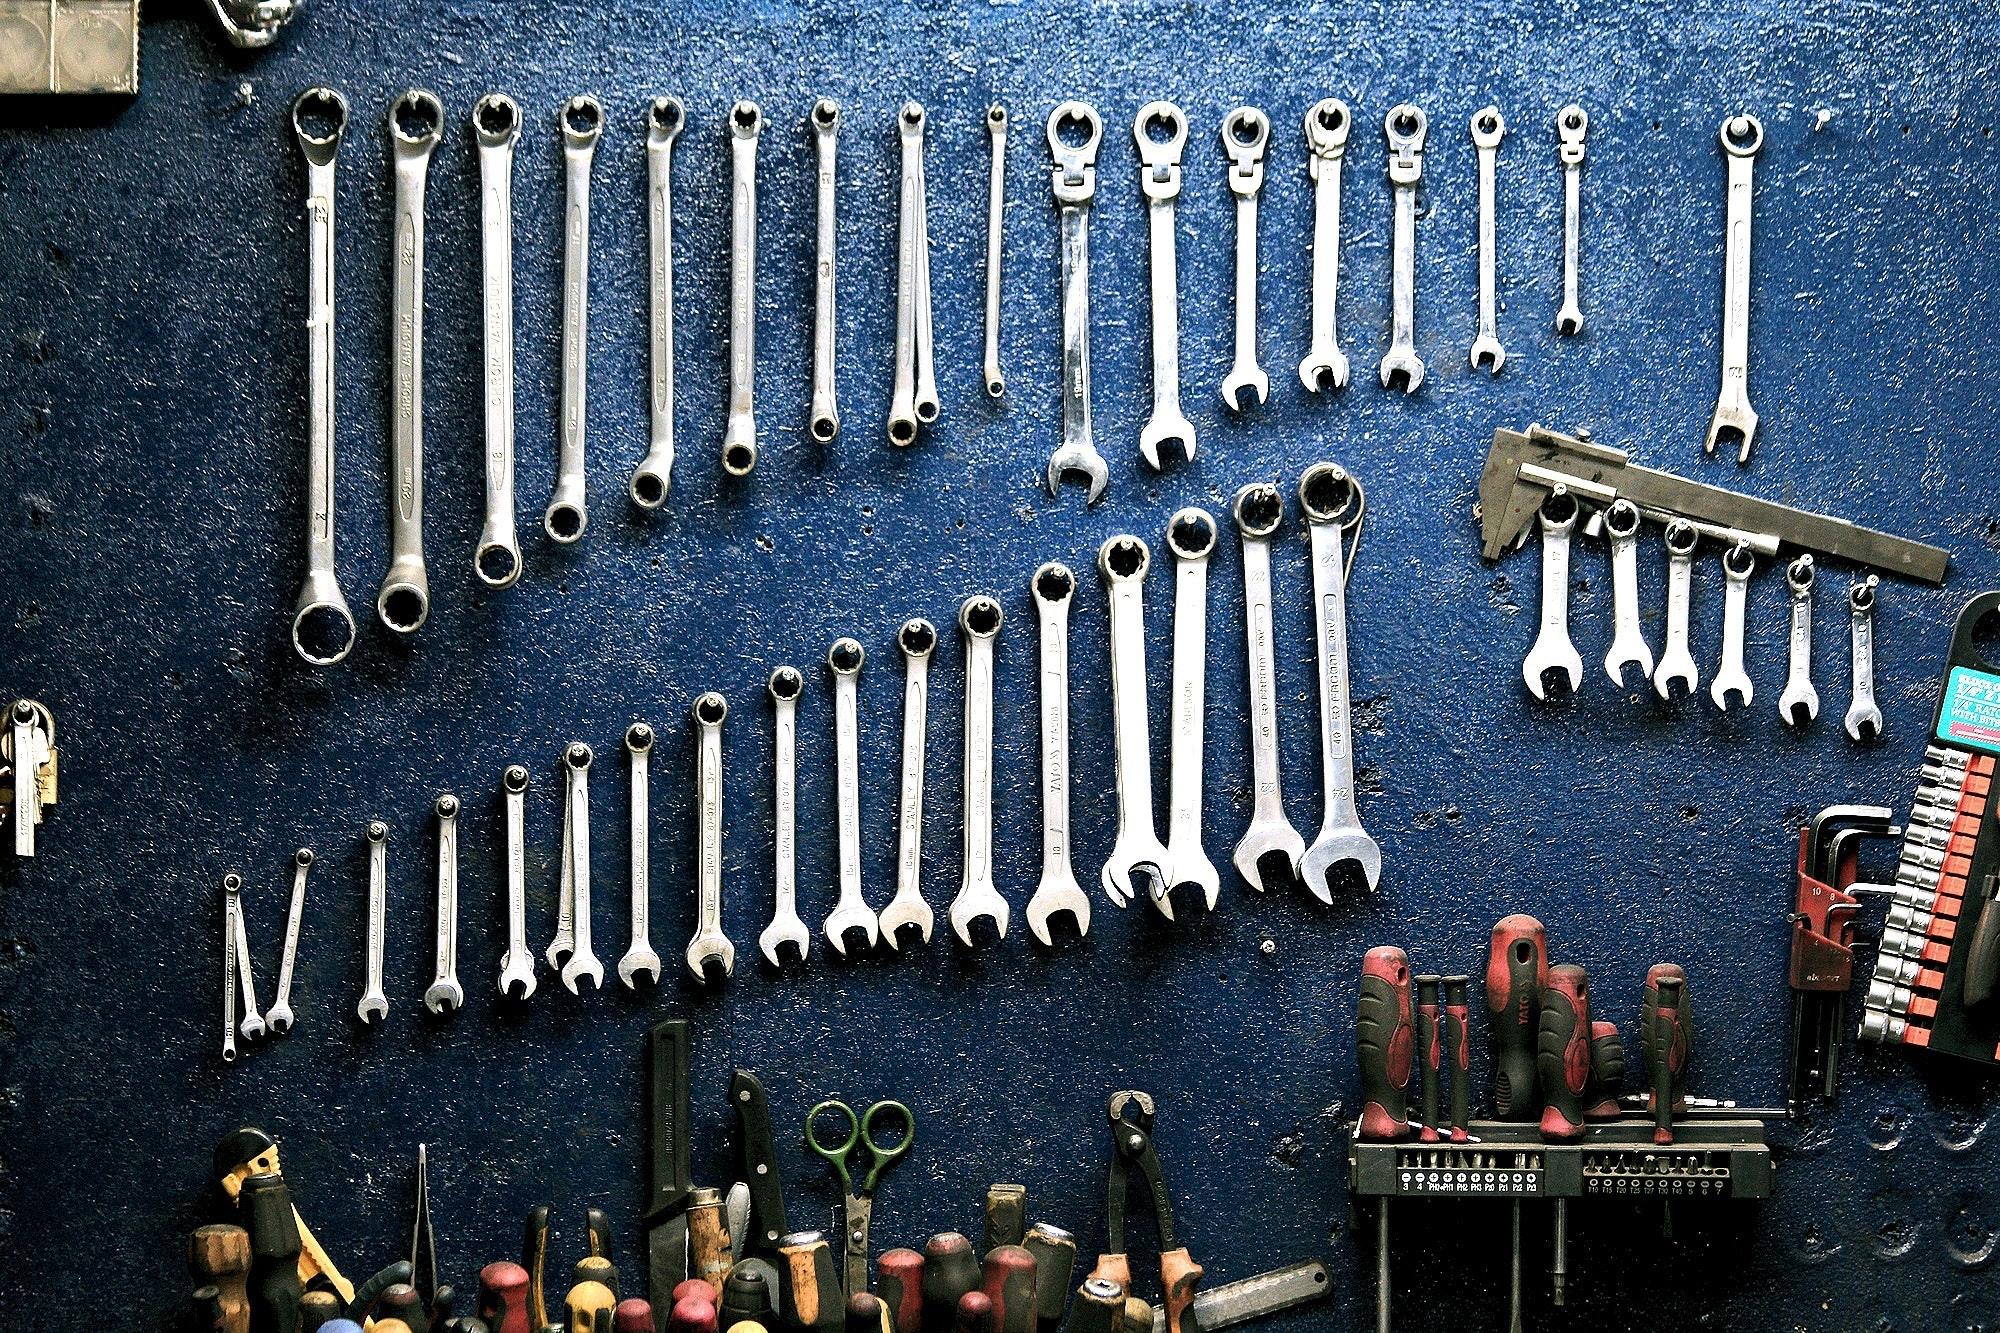 garage-hanging-mechanic-162553.jpg